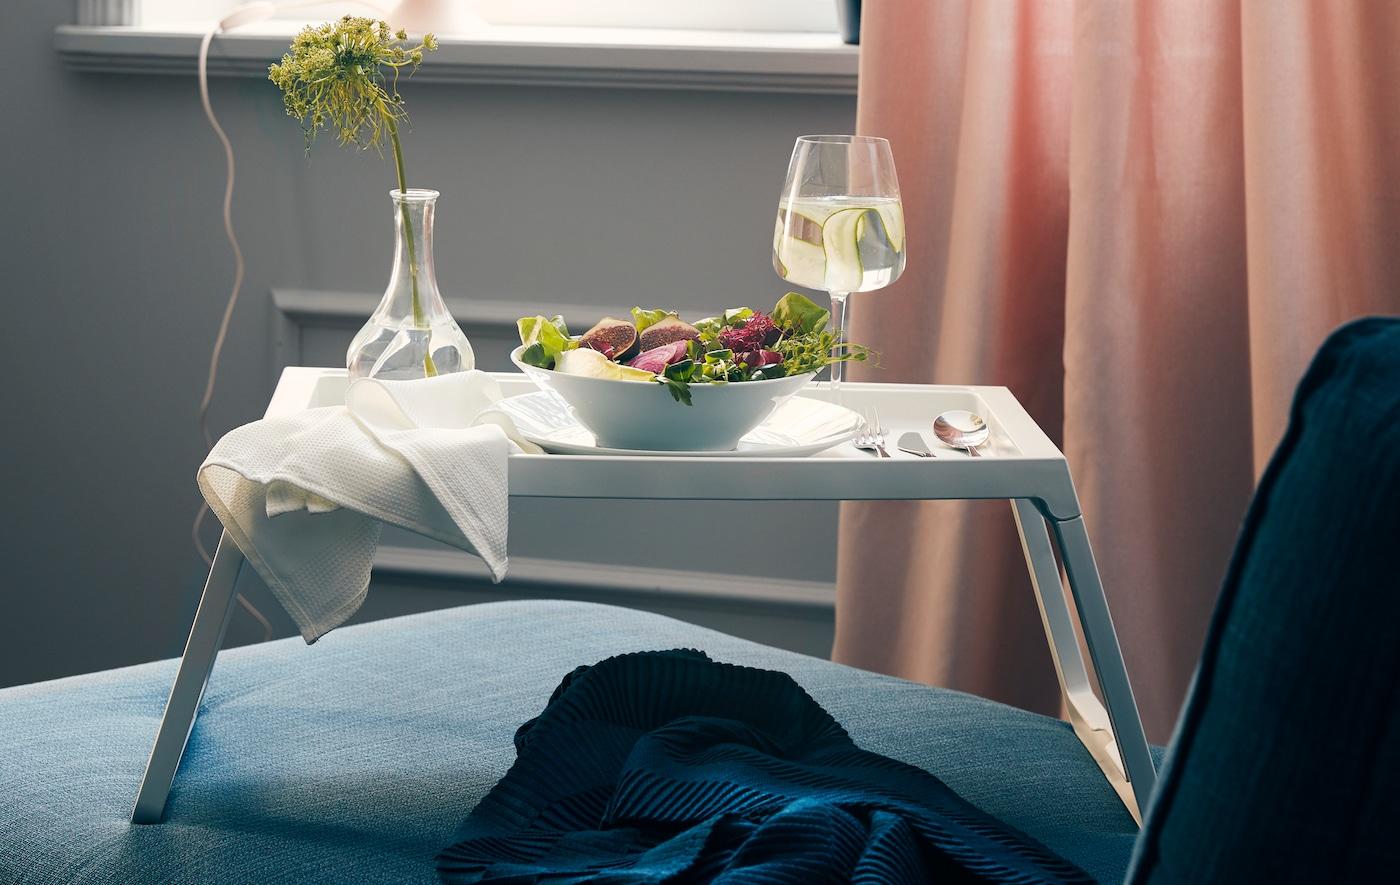 Večera za jednu osobu je najukusnija uz dobar film. Uz stabilan poslužavnik večeraj u krevetu, na kauču ili u omiljenoj fotelji.